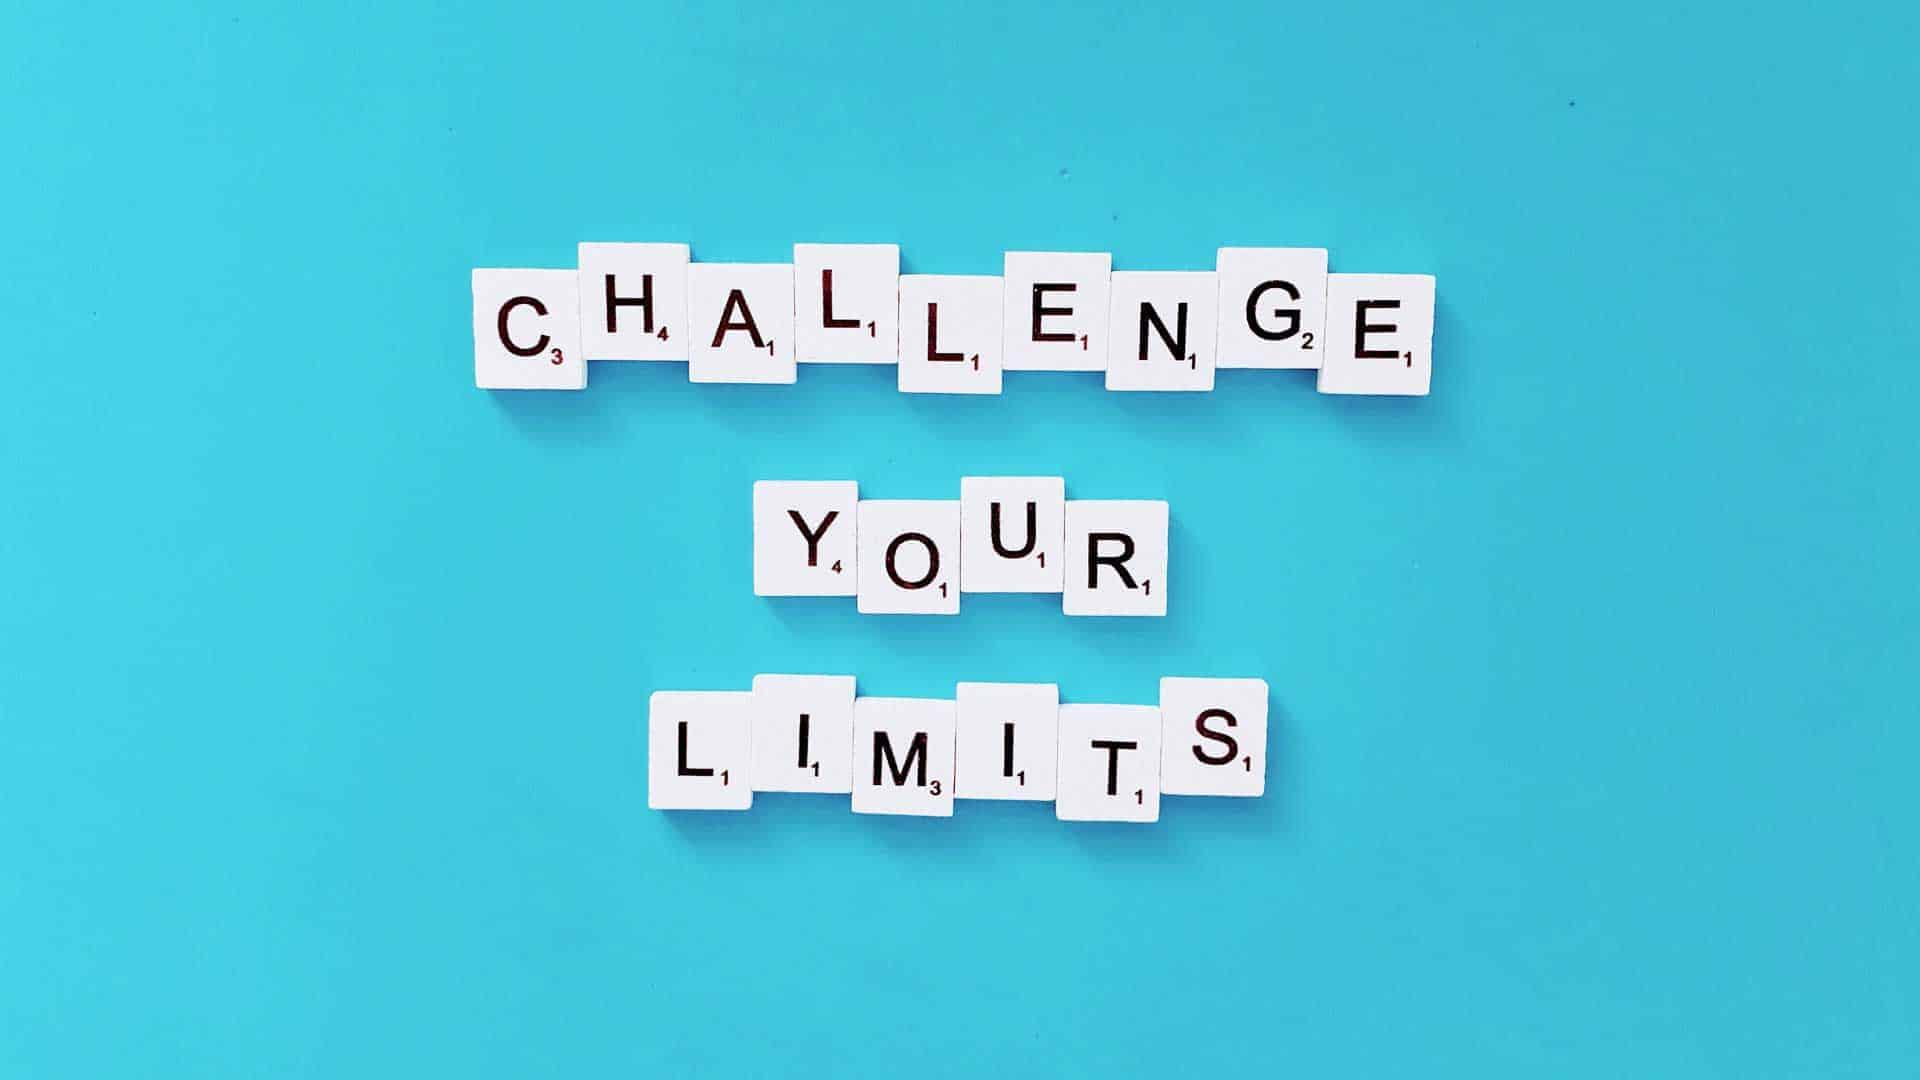 Marco Principi Coaching Podcast Tips The Challenge Aggiornamento